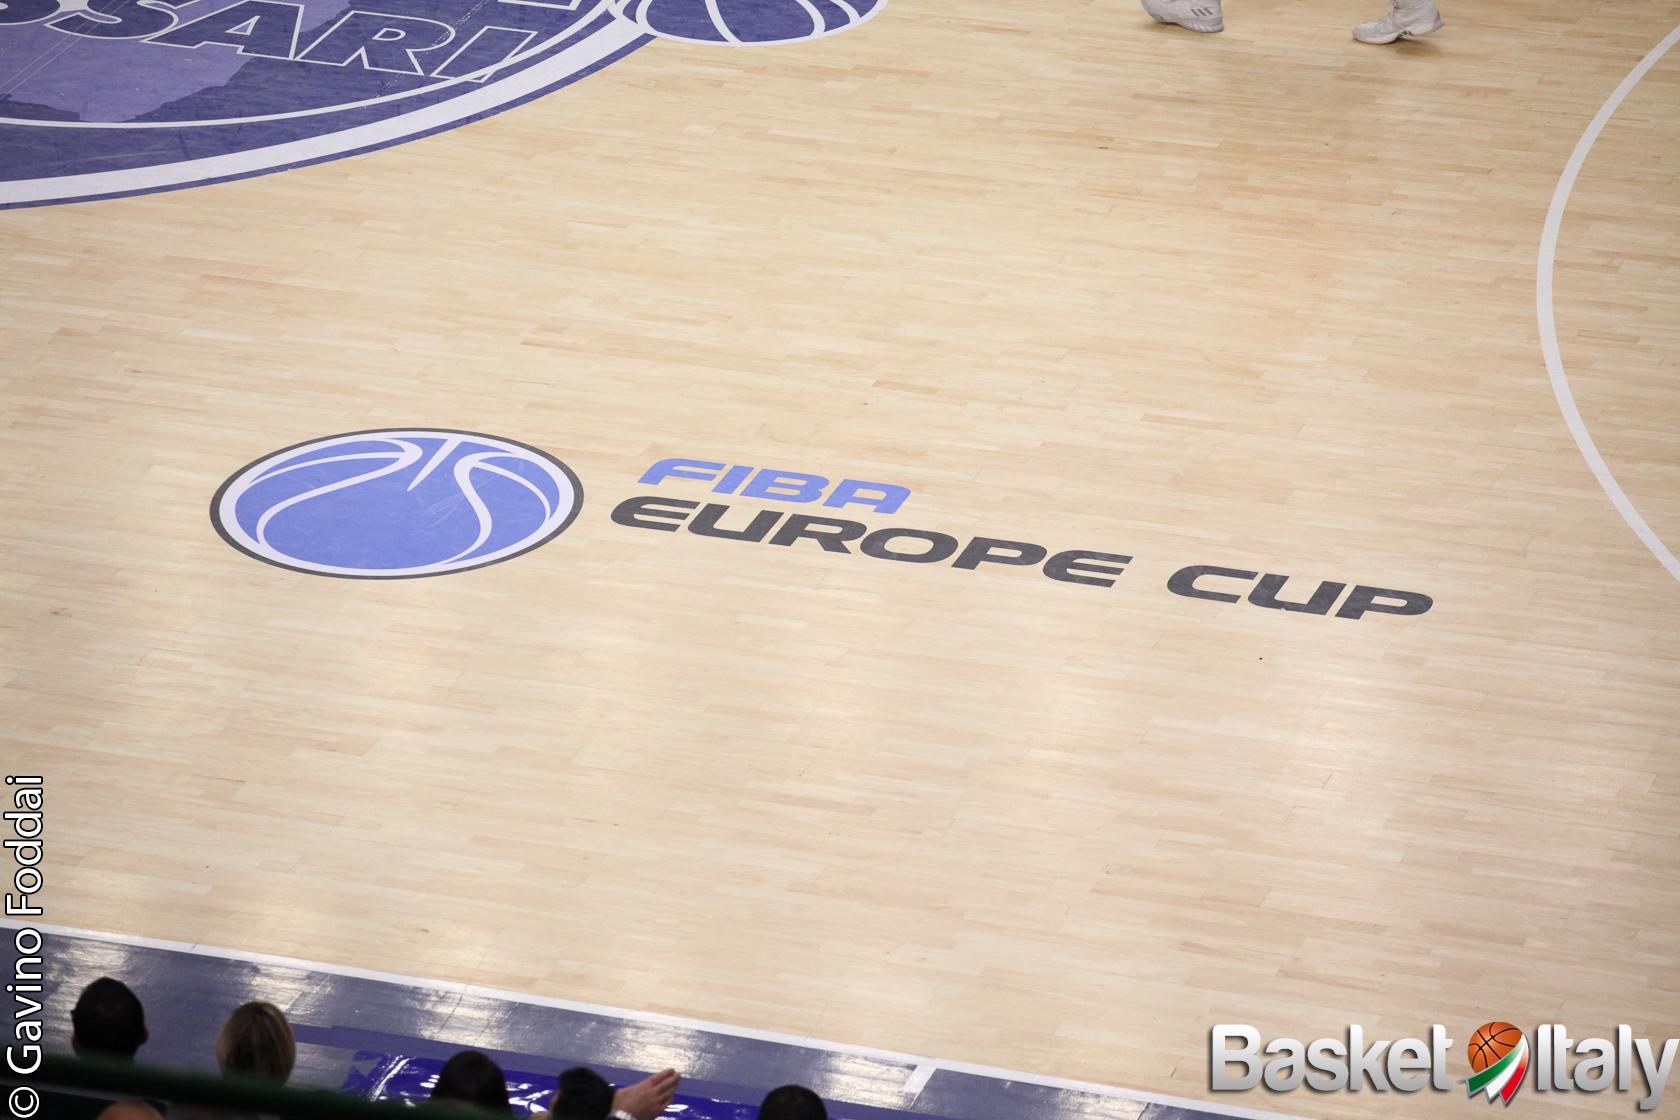 FIBA Europe Cup: annunciati i team partecipanti, sorteggio il 18 agosto